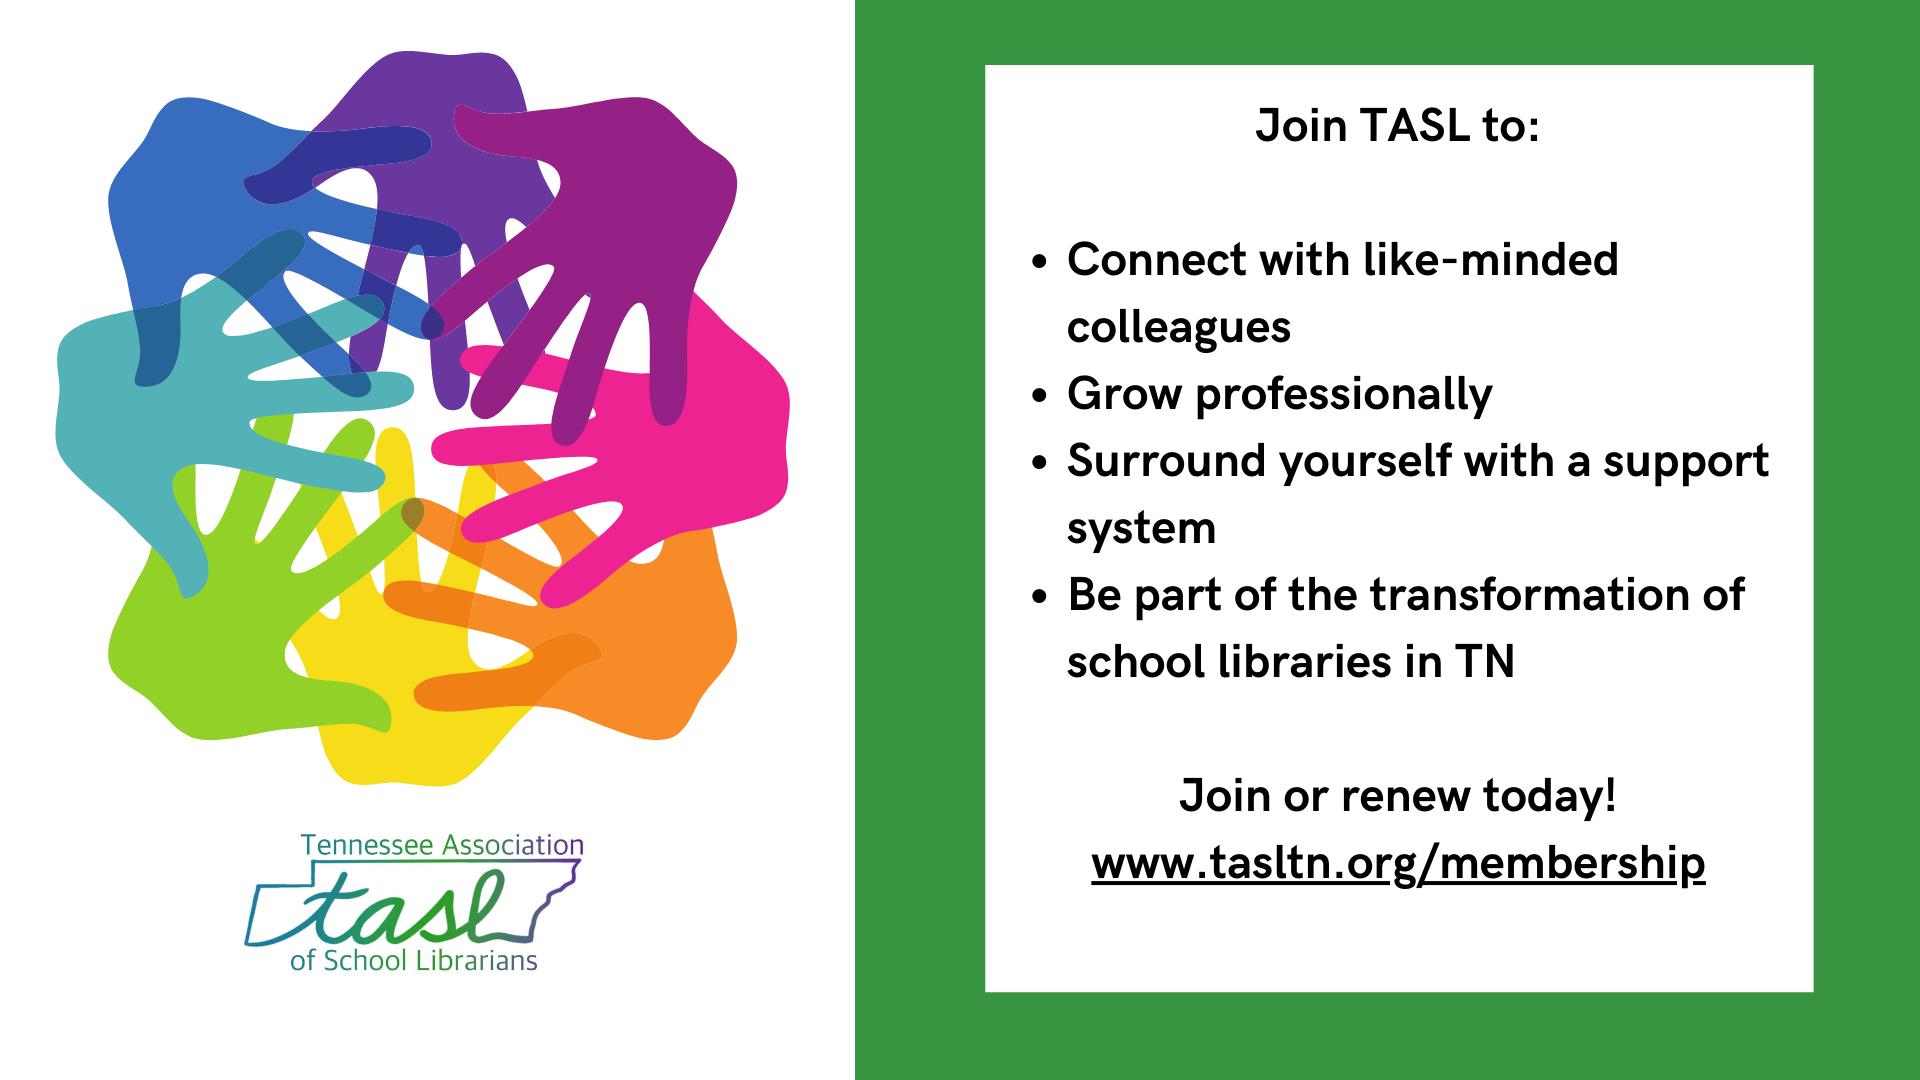 TASL Membership Drive